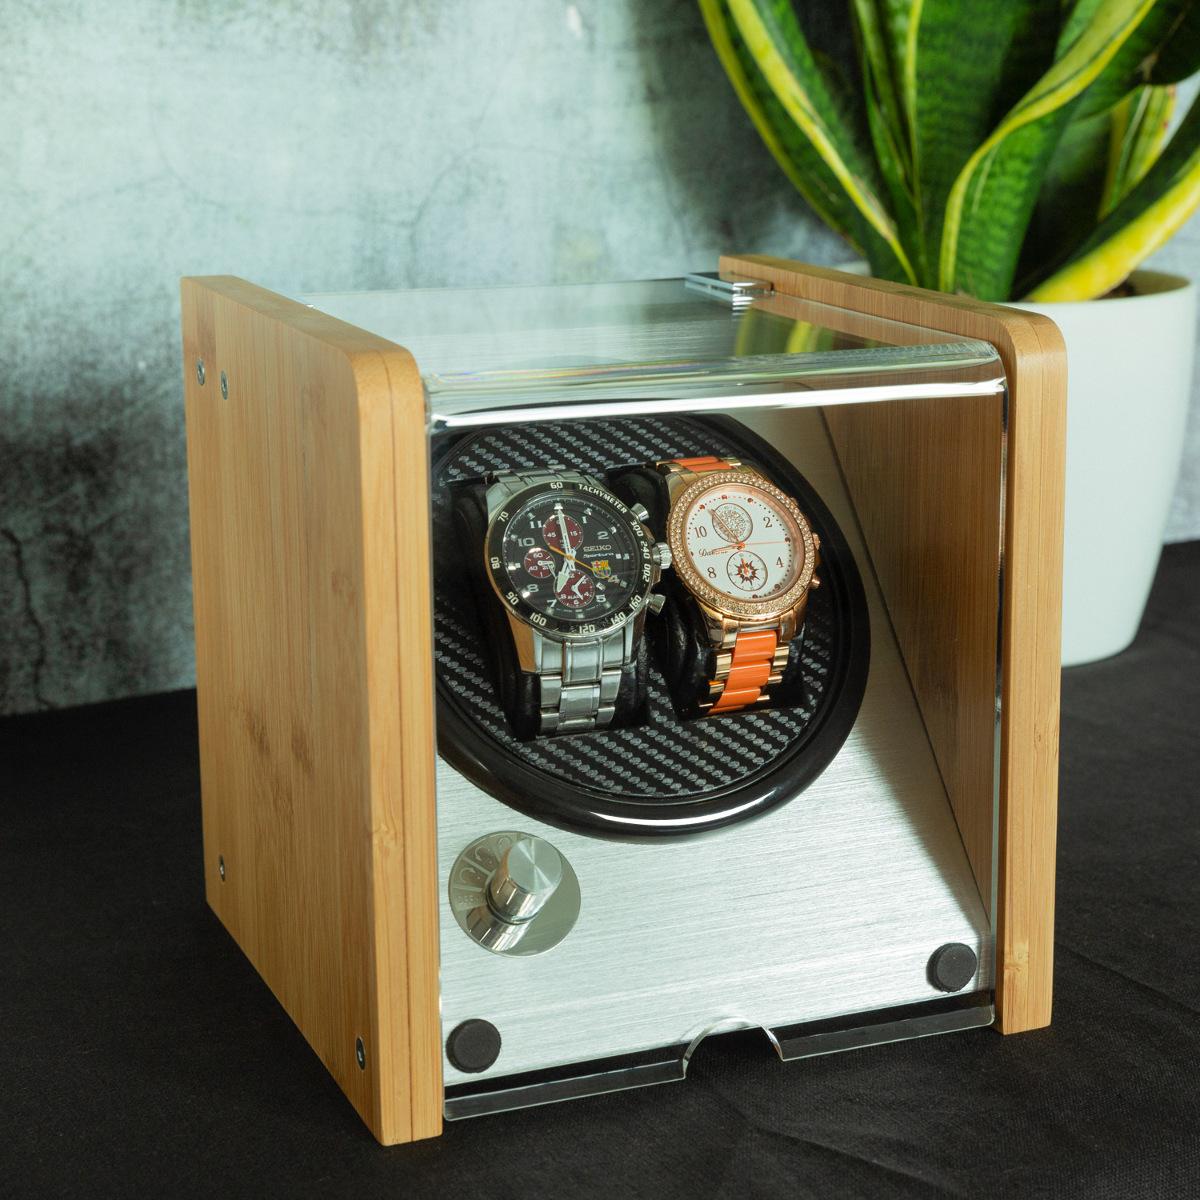 Uhrenbeweger Uhrendreher für 2 Automatikuhren 5 Modi 17,5x18x18cm Uhrenbox